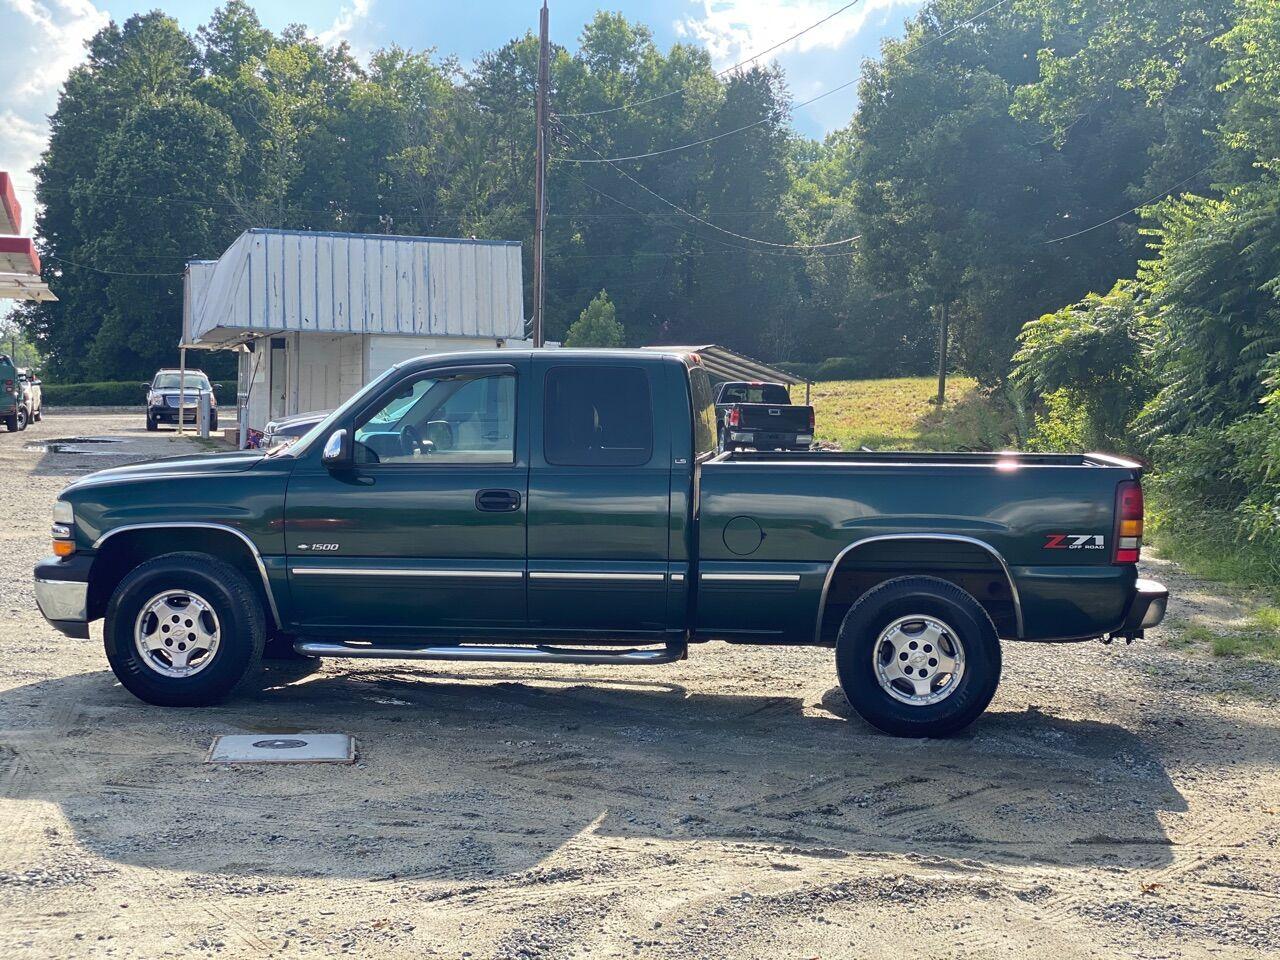 ChevroletSilverado 15004